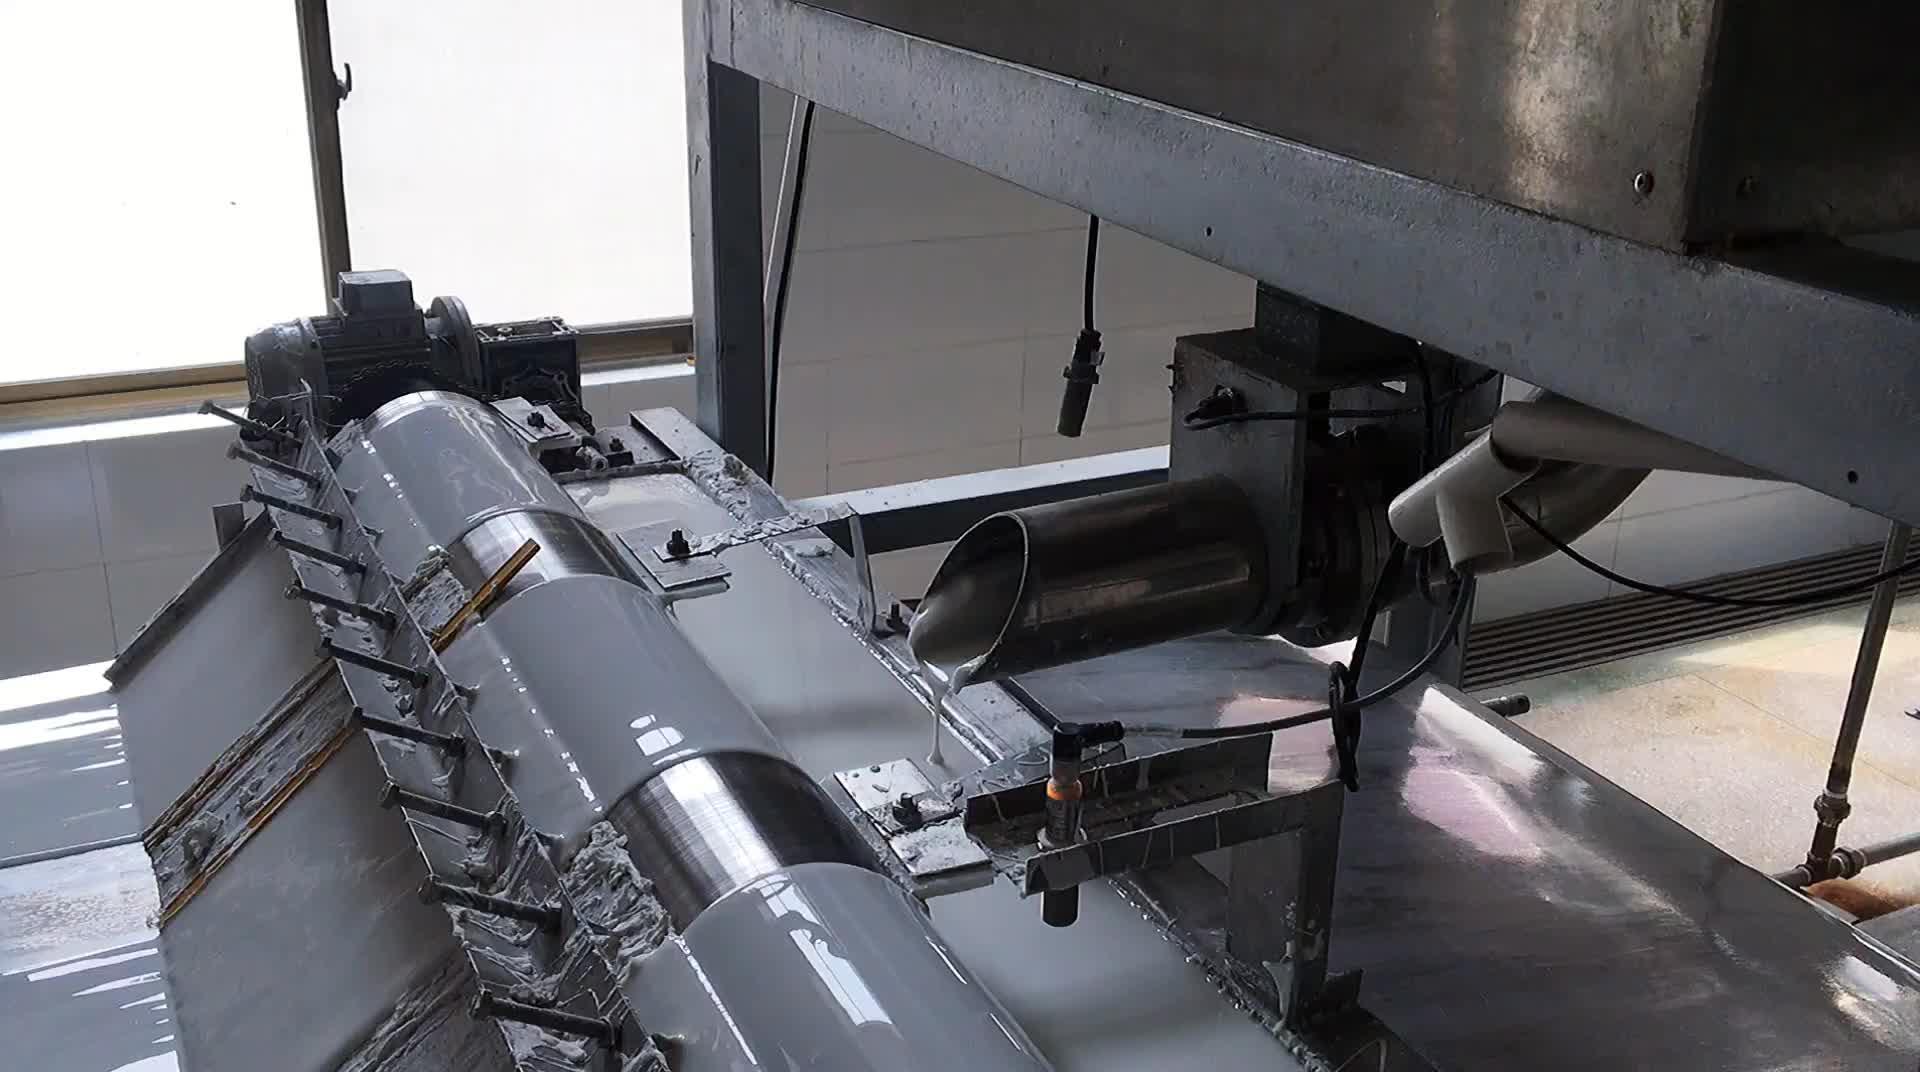 开封丽星机械: 水晶粉皮使用自动化生产线、加工设备制造 #自动化设备  #粉皮